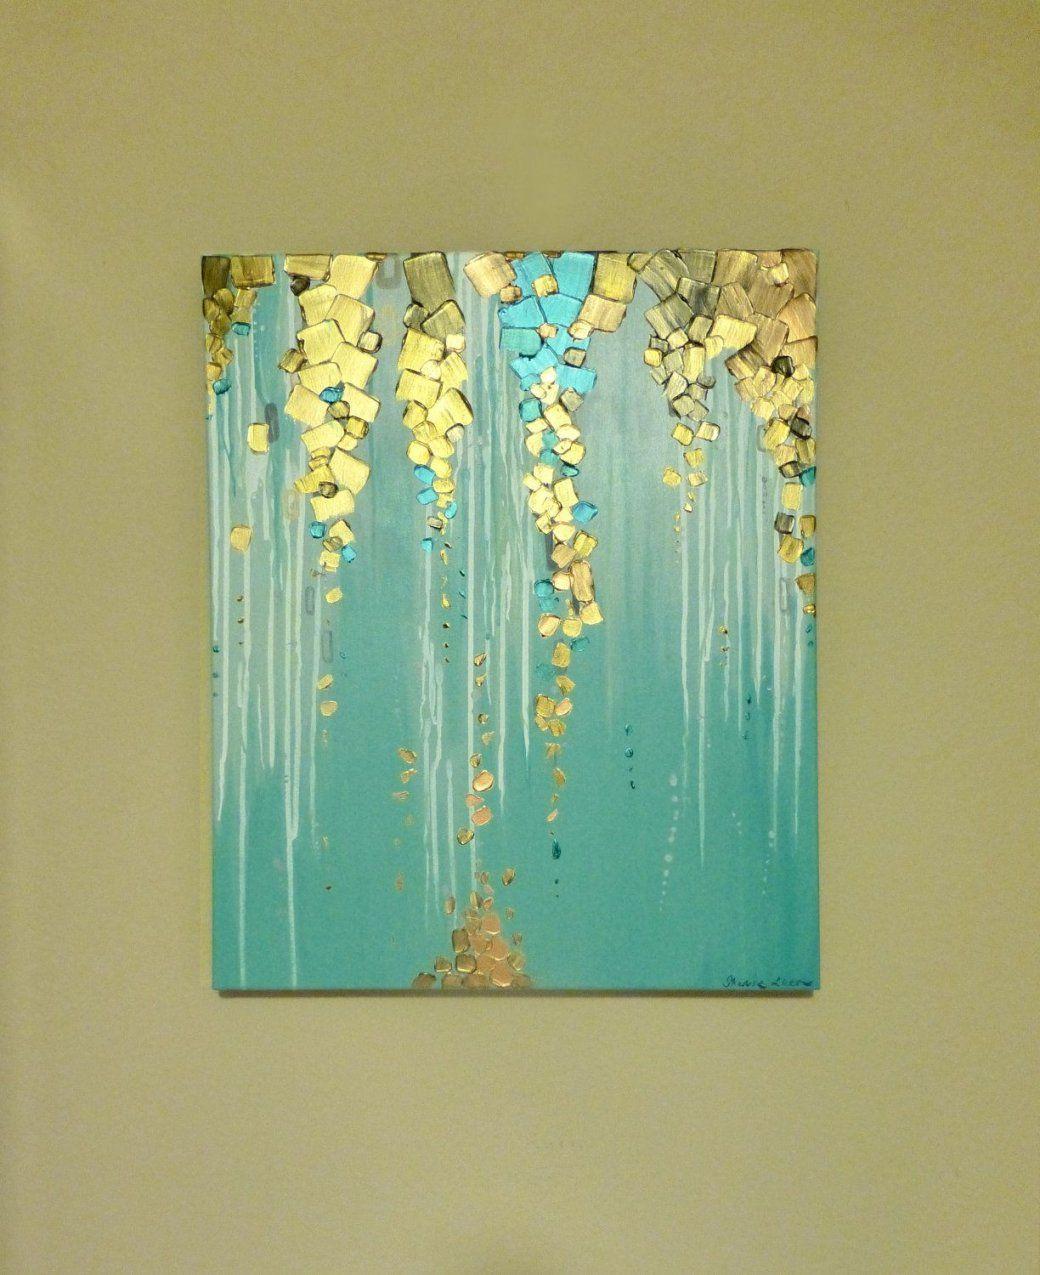 Bilder Selber Malen Modern Mit Original Moderne Abstrakte Malerei von Moderne Bilder Selber Malen Photo